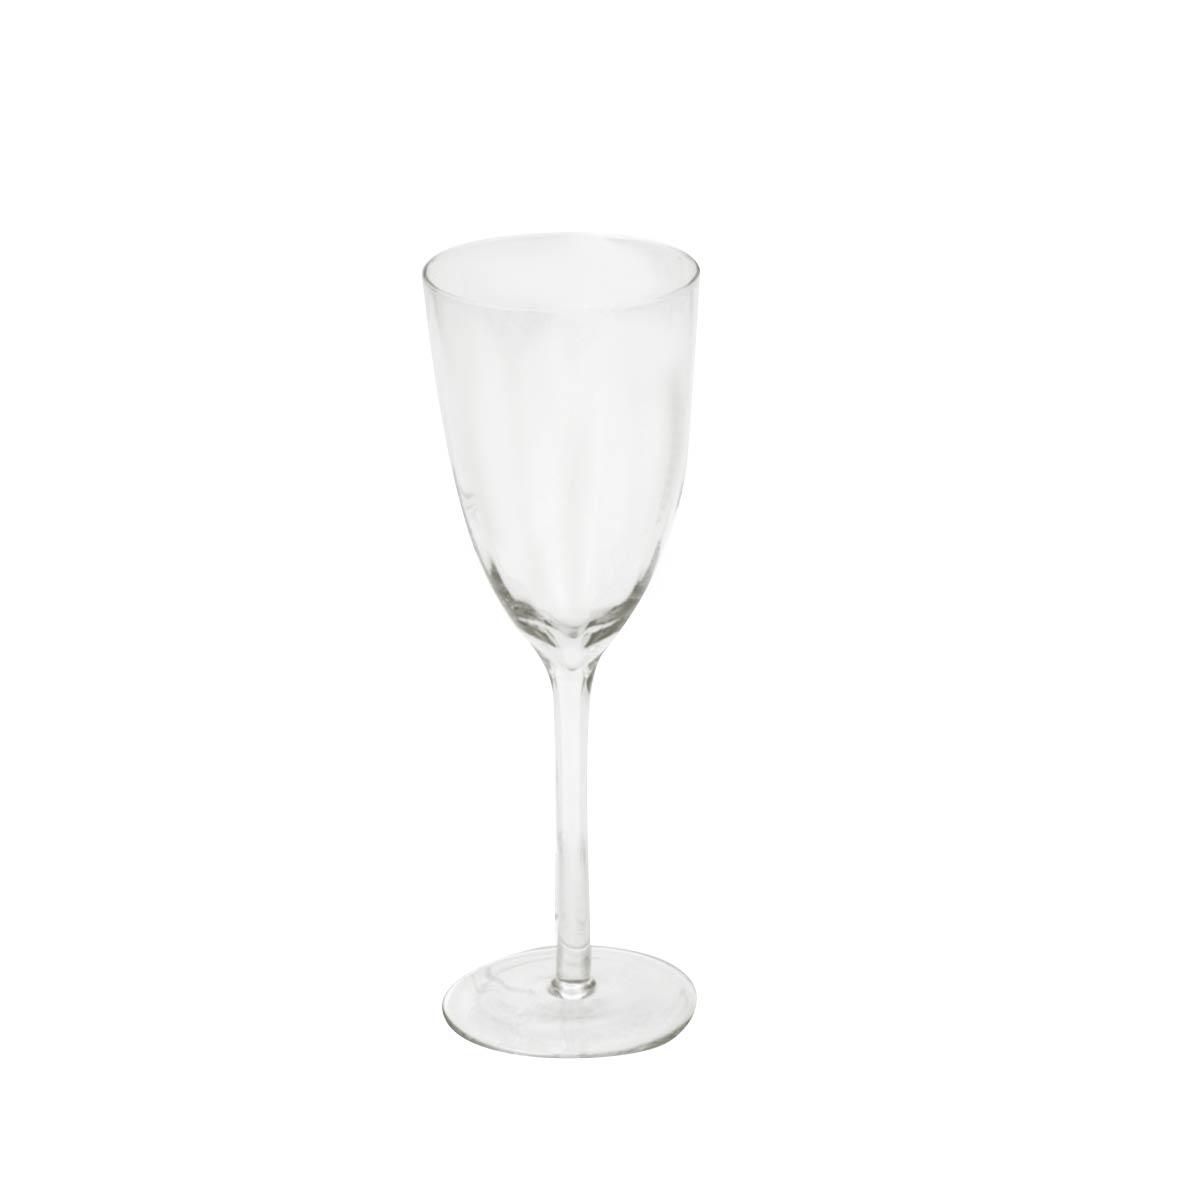 Jogo 8 Taças para Vinho Tinto Com Design BTC 380 ml  - Lemis